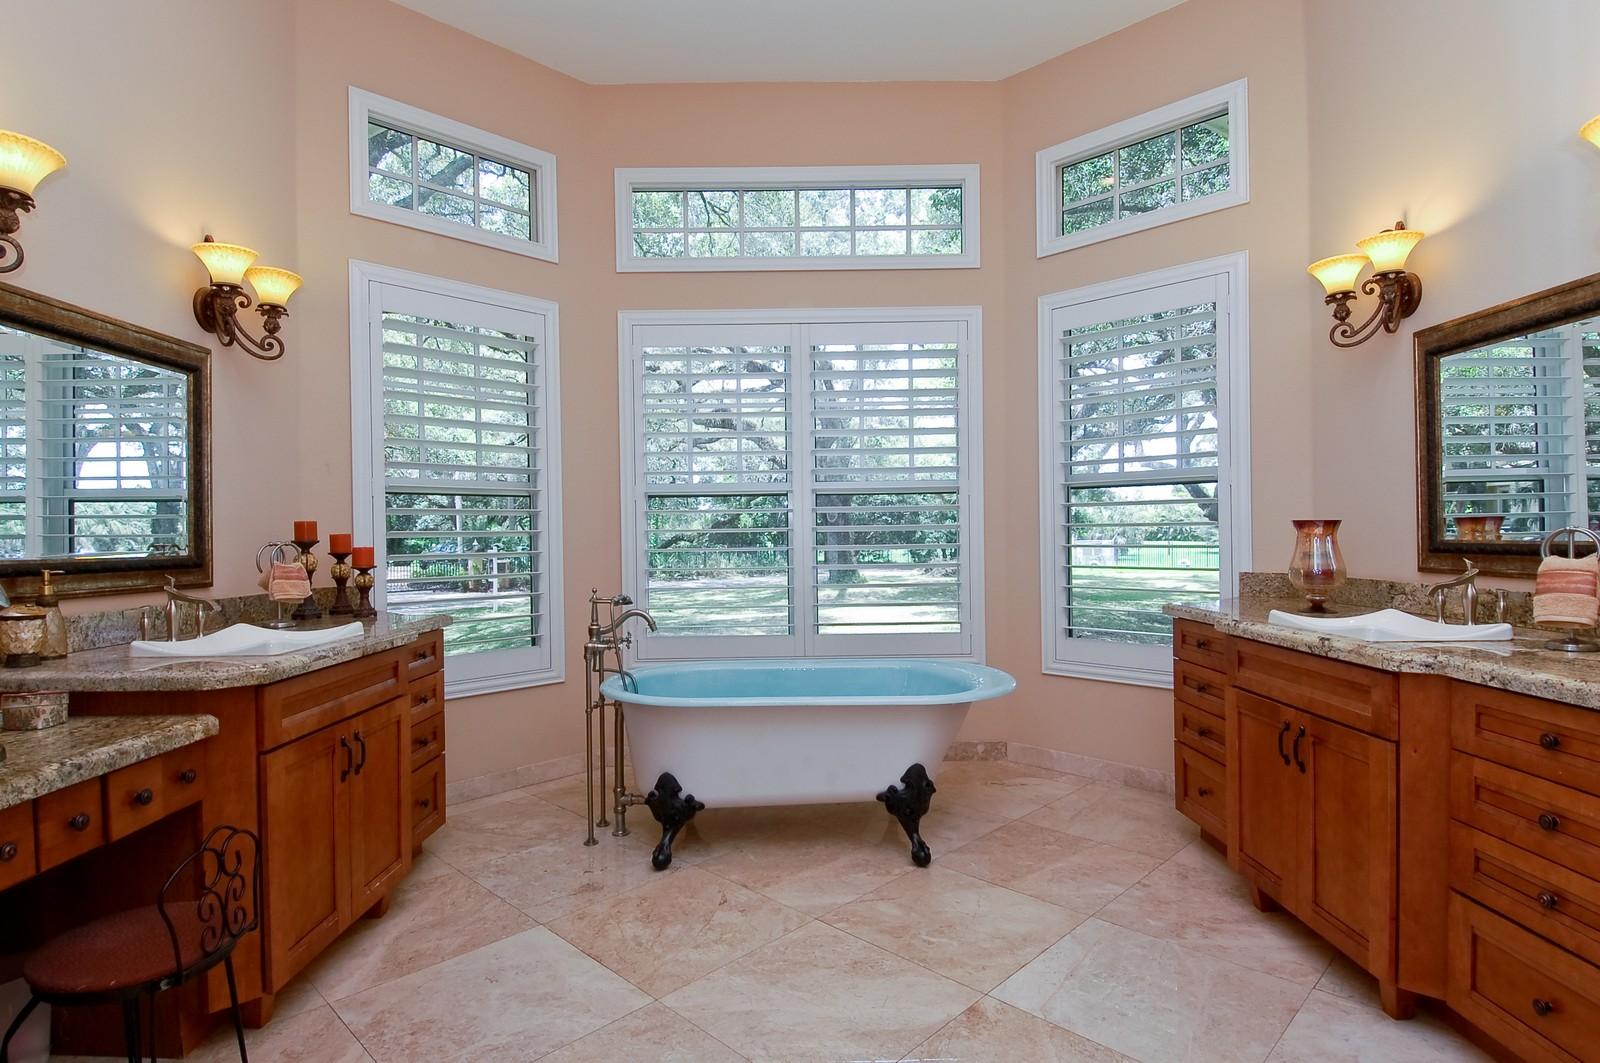 Real Estate Photography - 5400 Woodlanden Ln, Ft Lauderdale, FL, 33021 - Master Bathroom